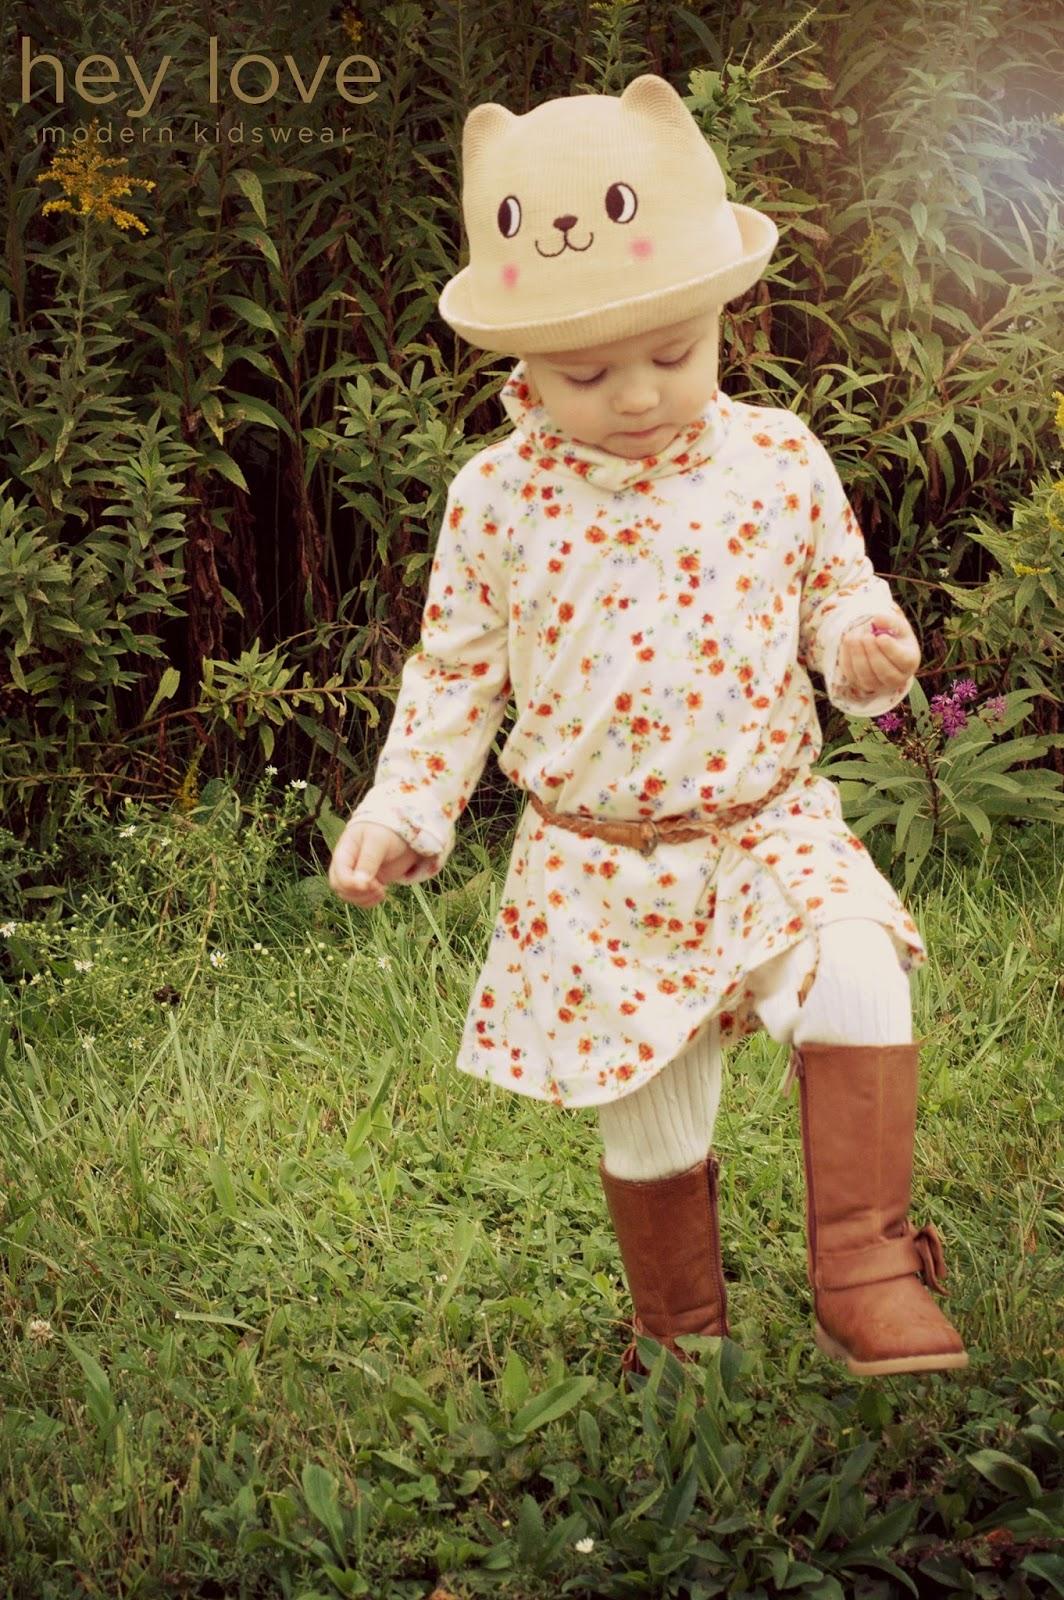 www.heylovekidswear.etsy.com